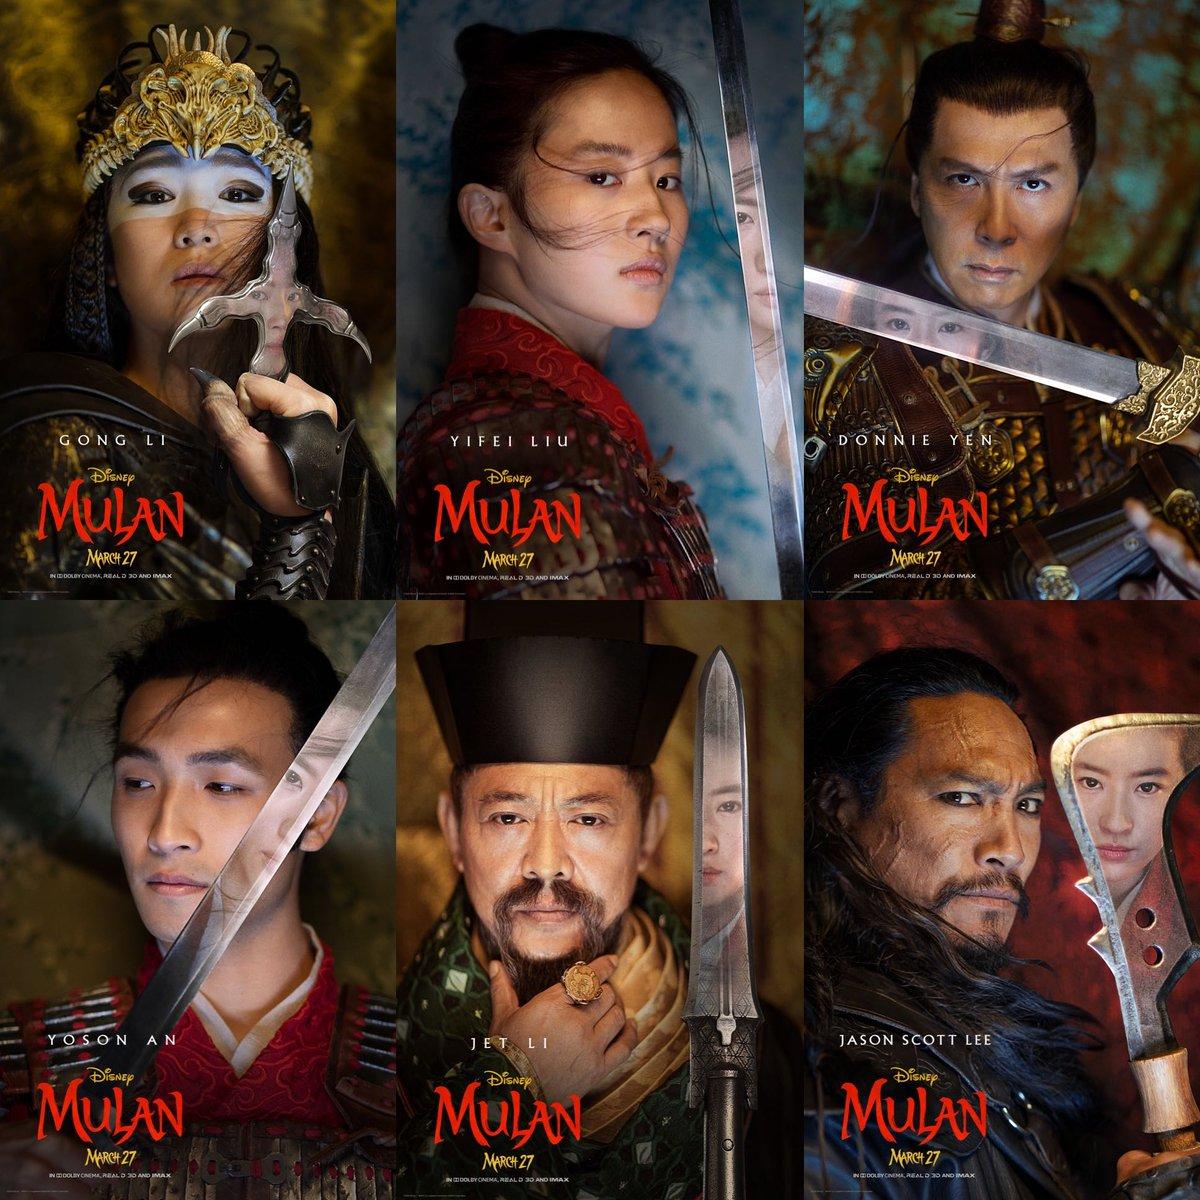 @RottenTomatoes's photo on #Mulan